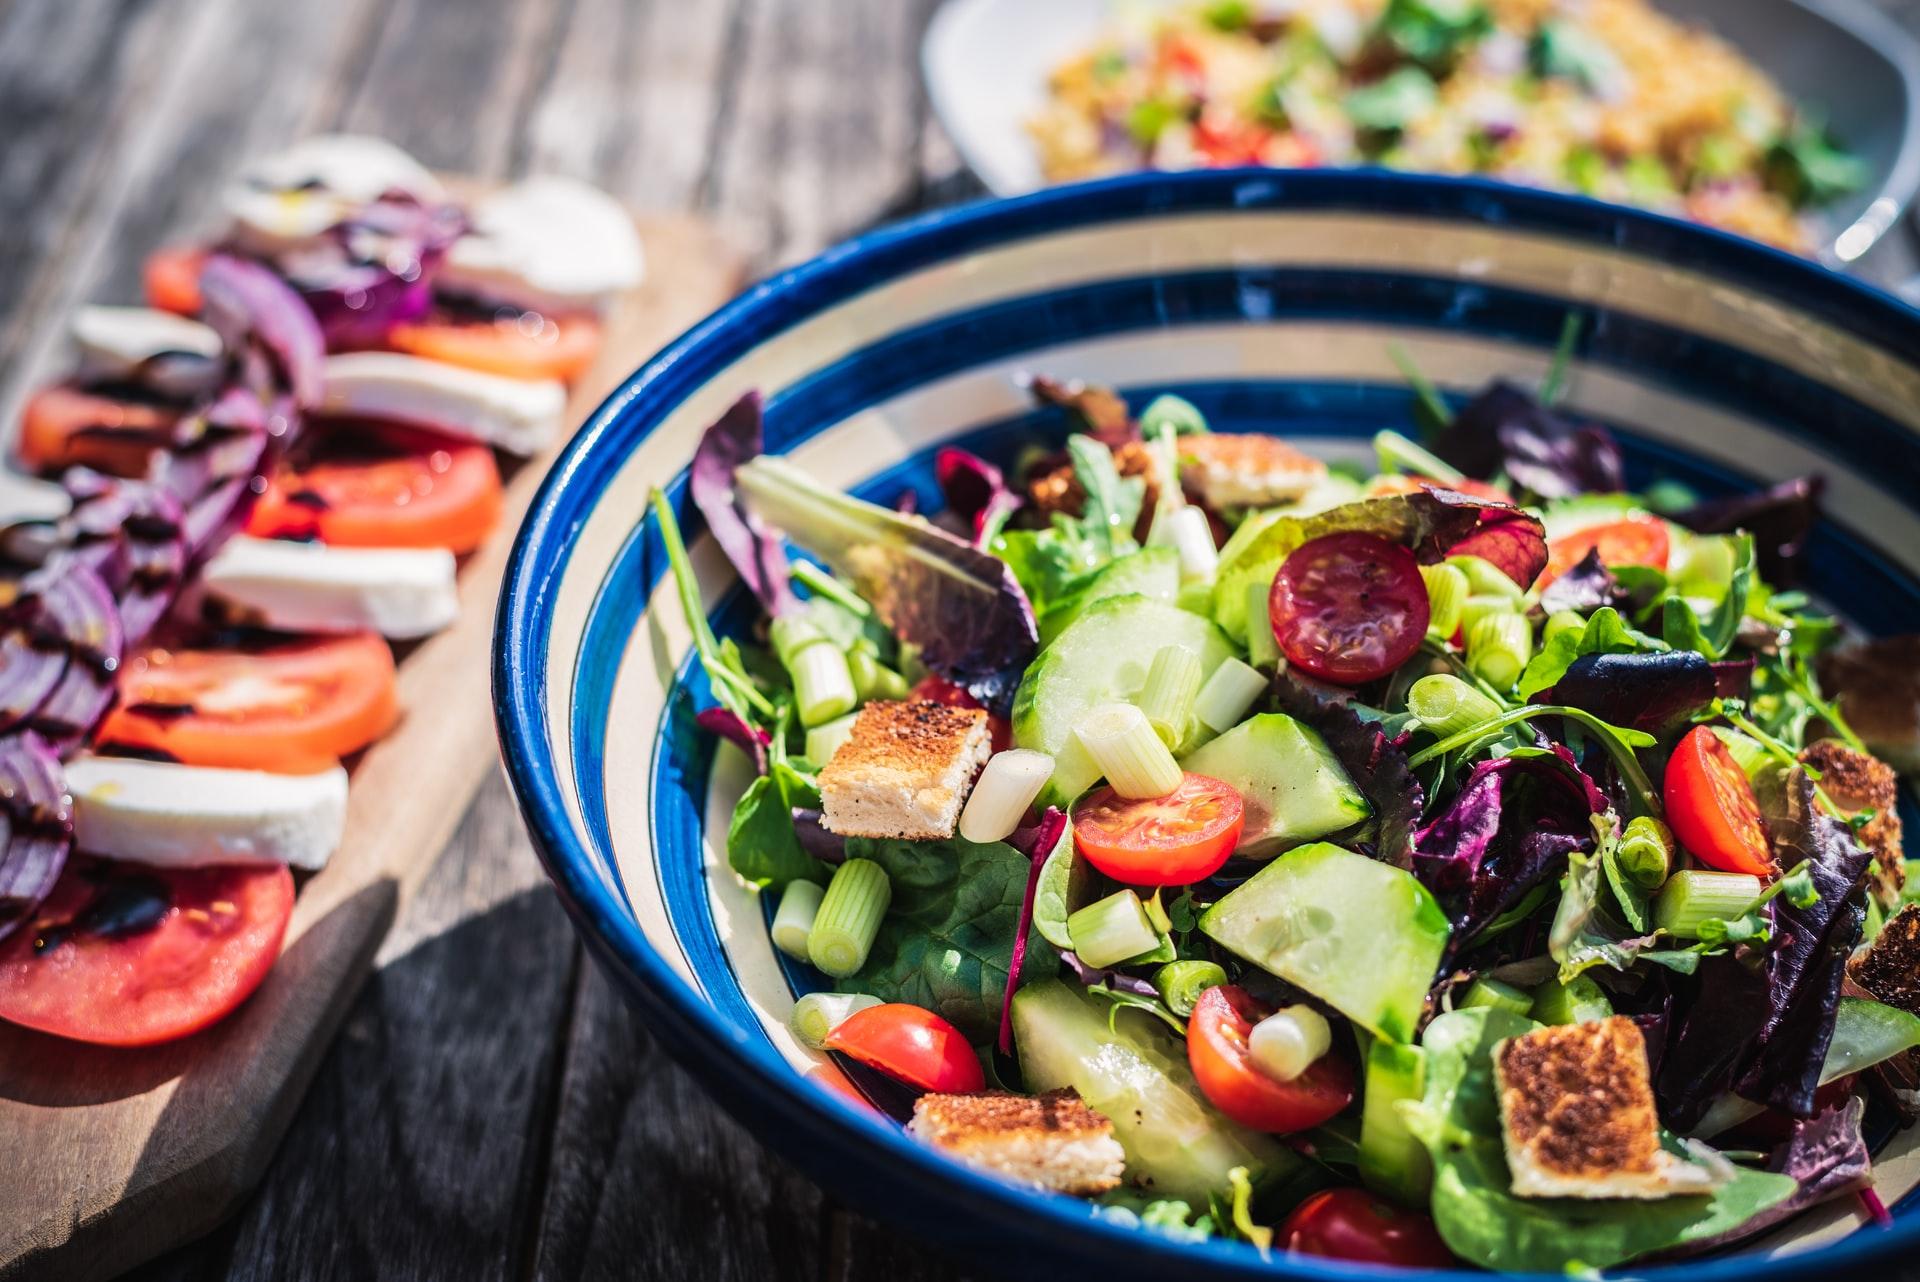 Ipertensione e Dieta DASH